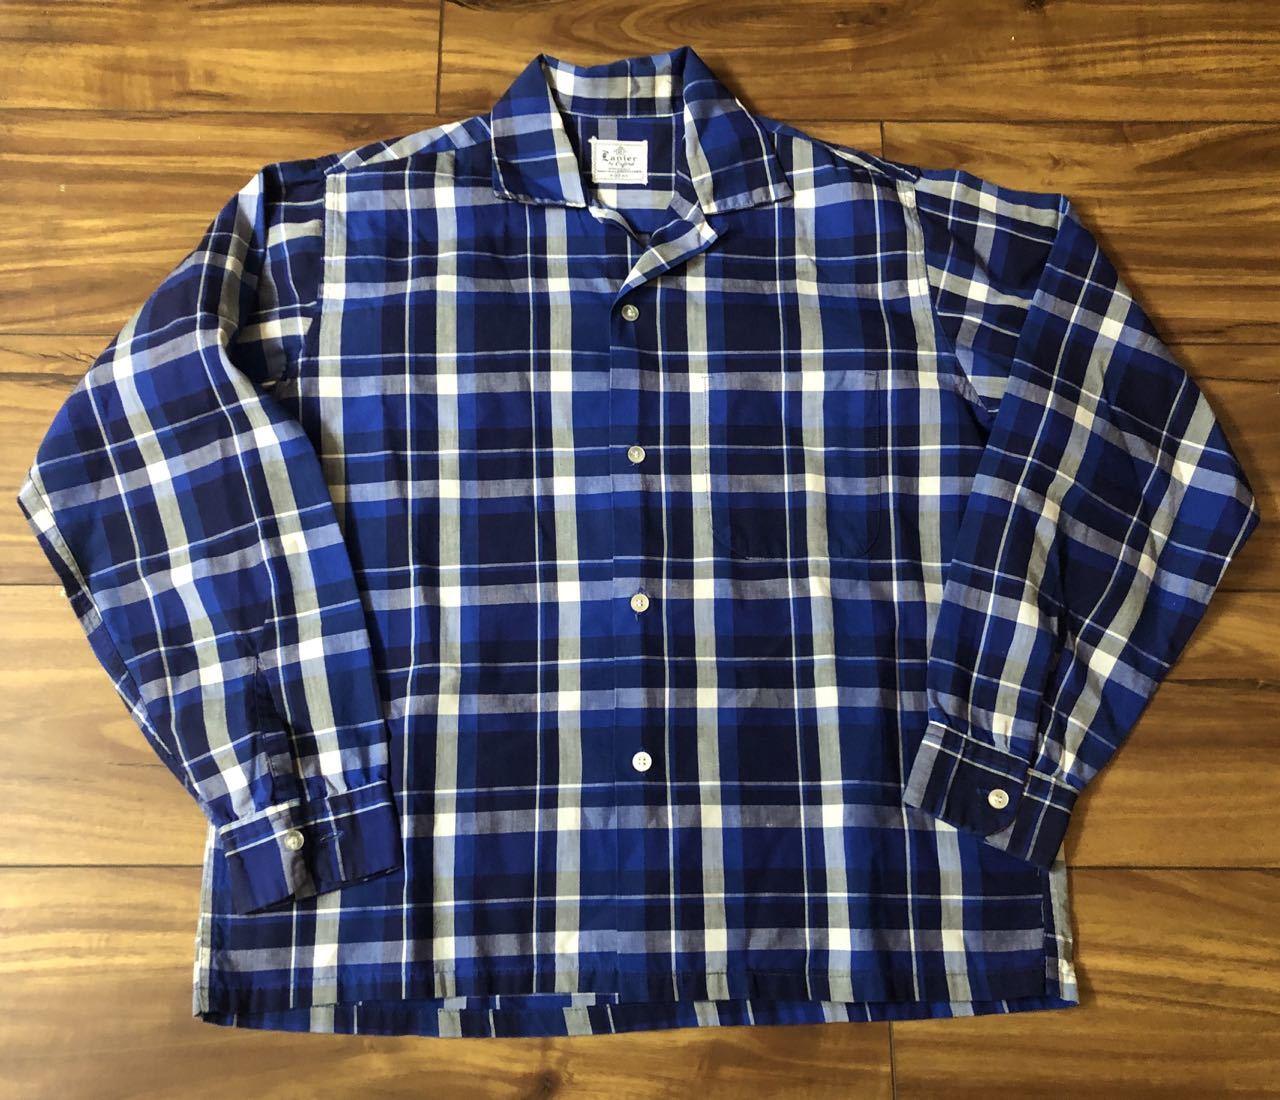 アメリカ仕入れ情報#33 3/14入荷! 50s all cotton Lanier オープンカラー ボックスシャツ!_c0144020_13121938.jpg